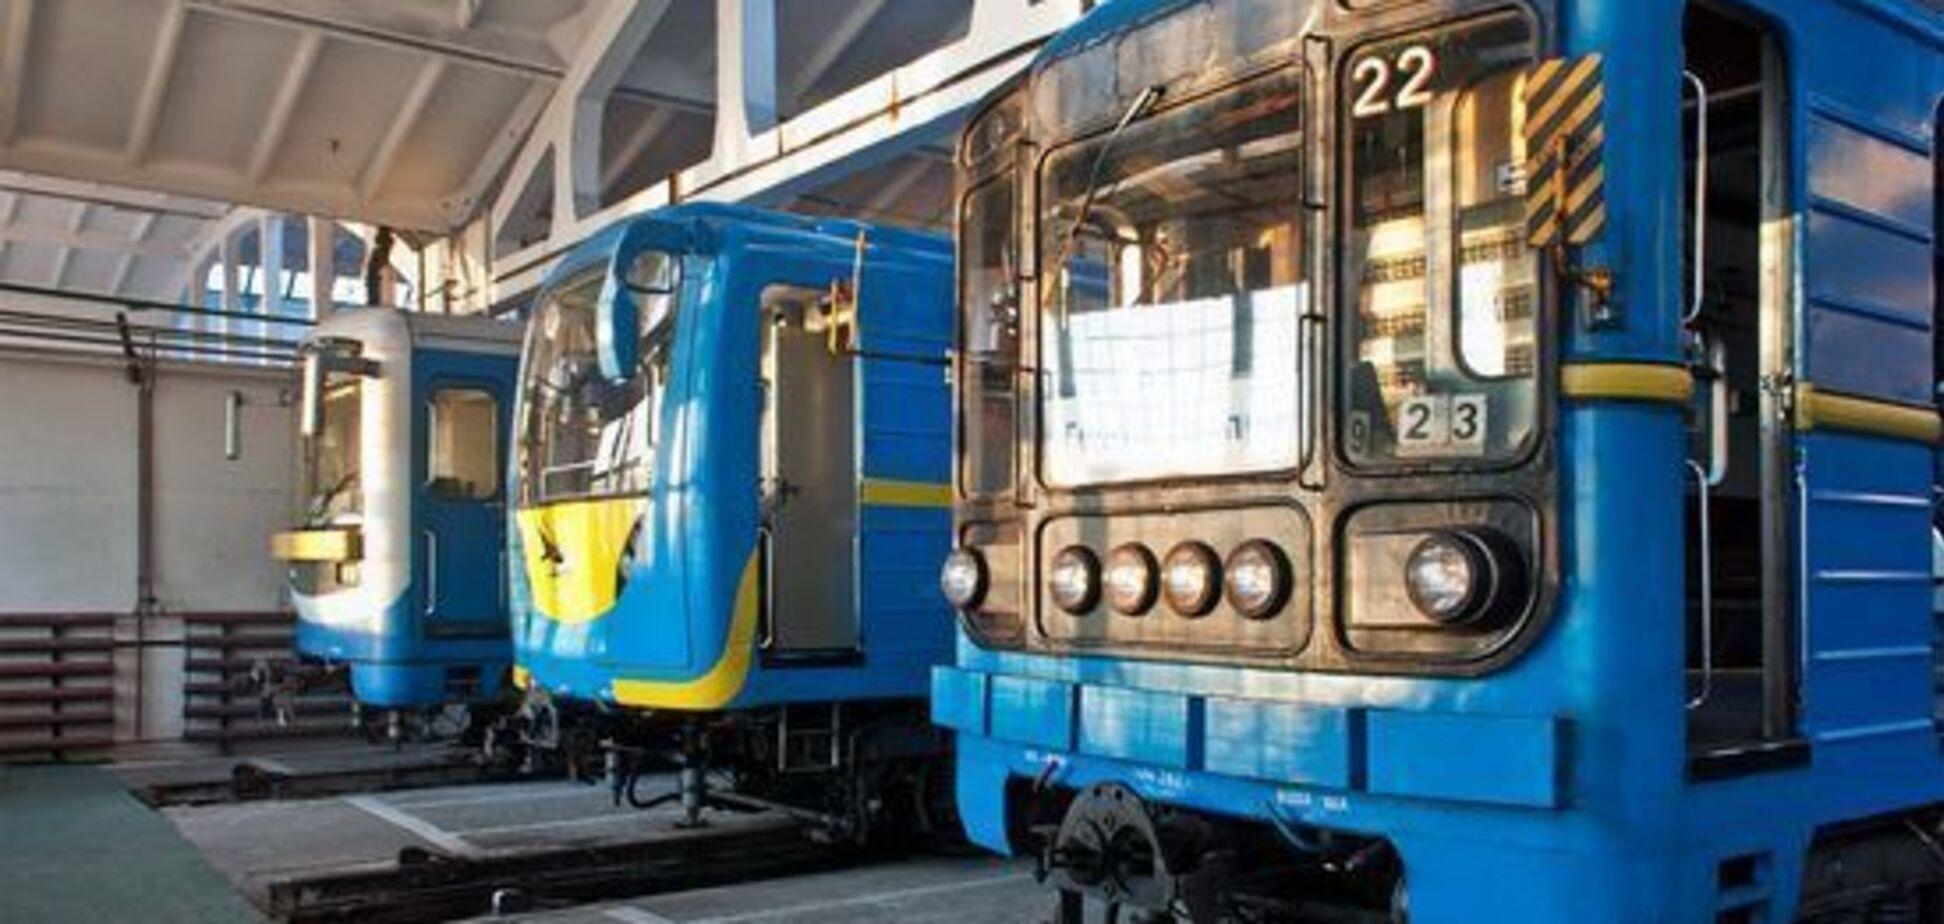 Мільярдний борг перед Росією: метро Києва змусили вдатися до кардинальних заходів